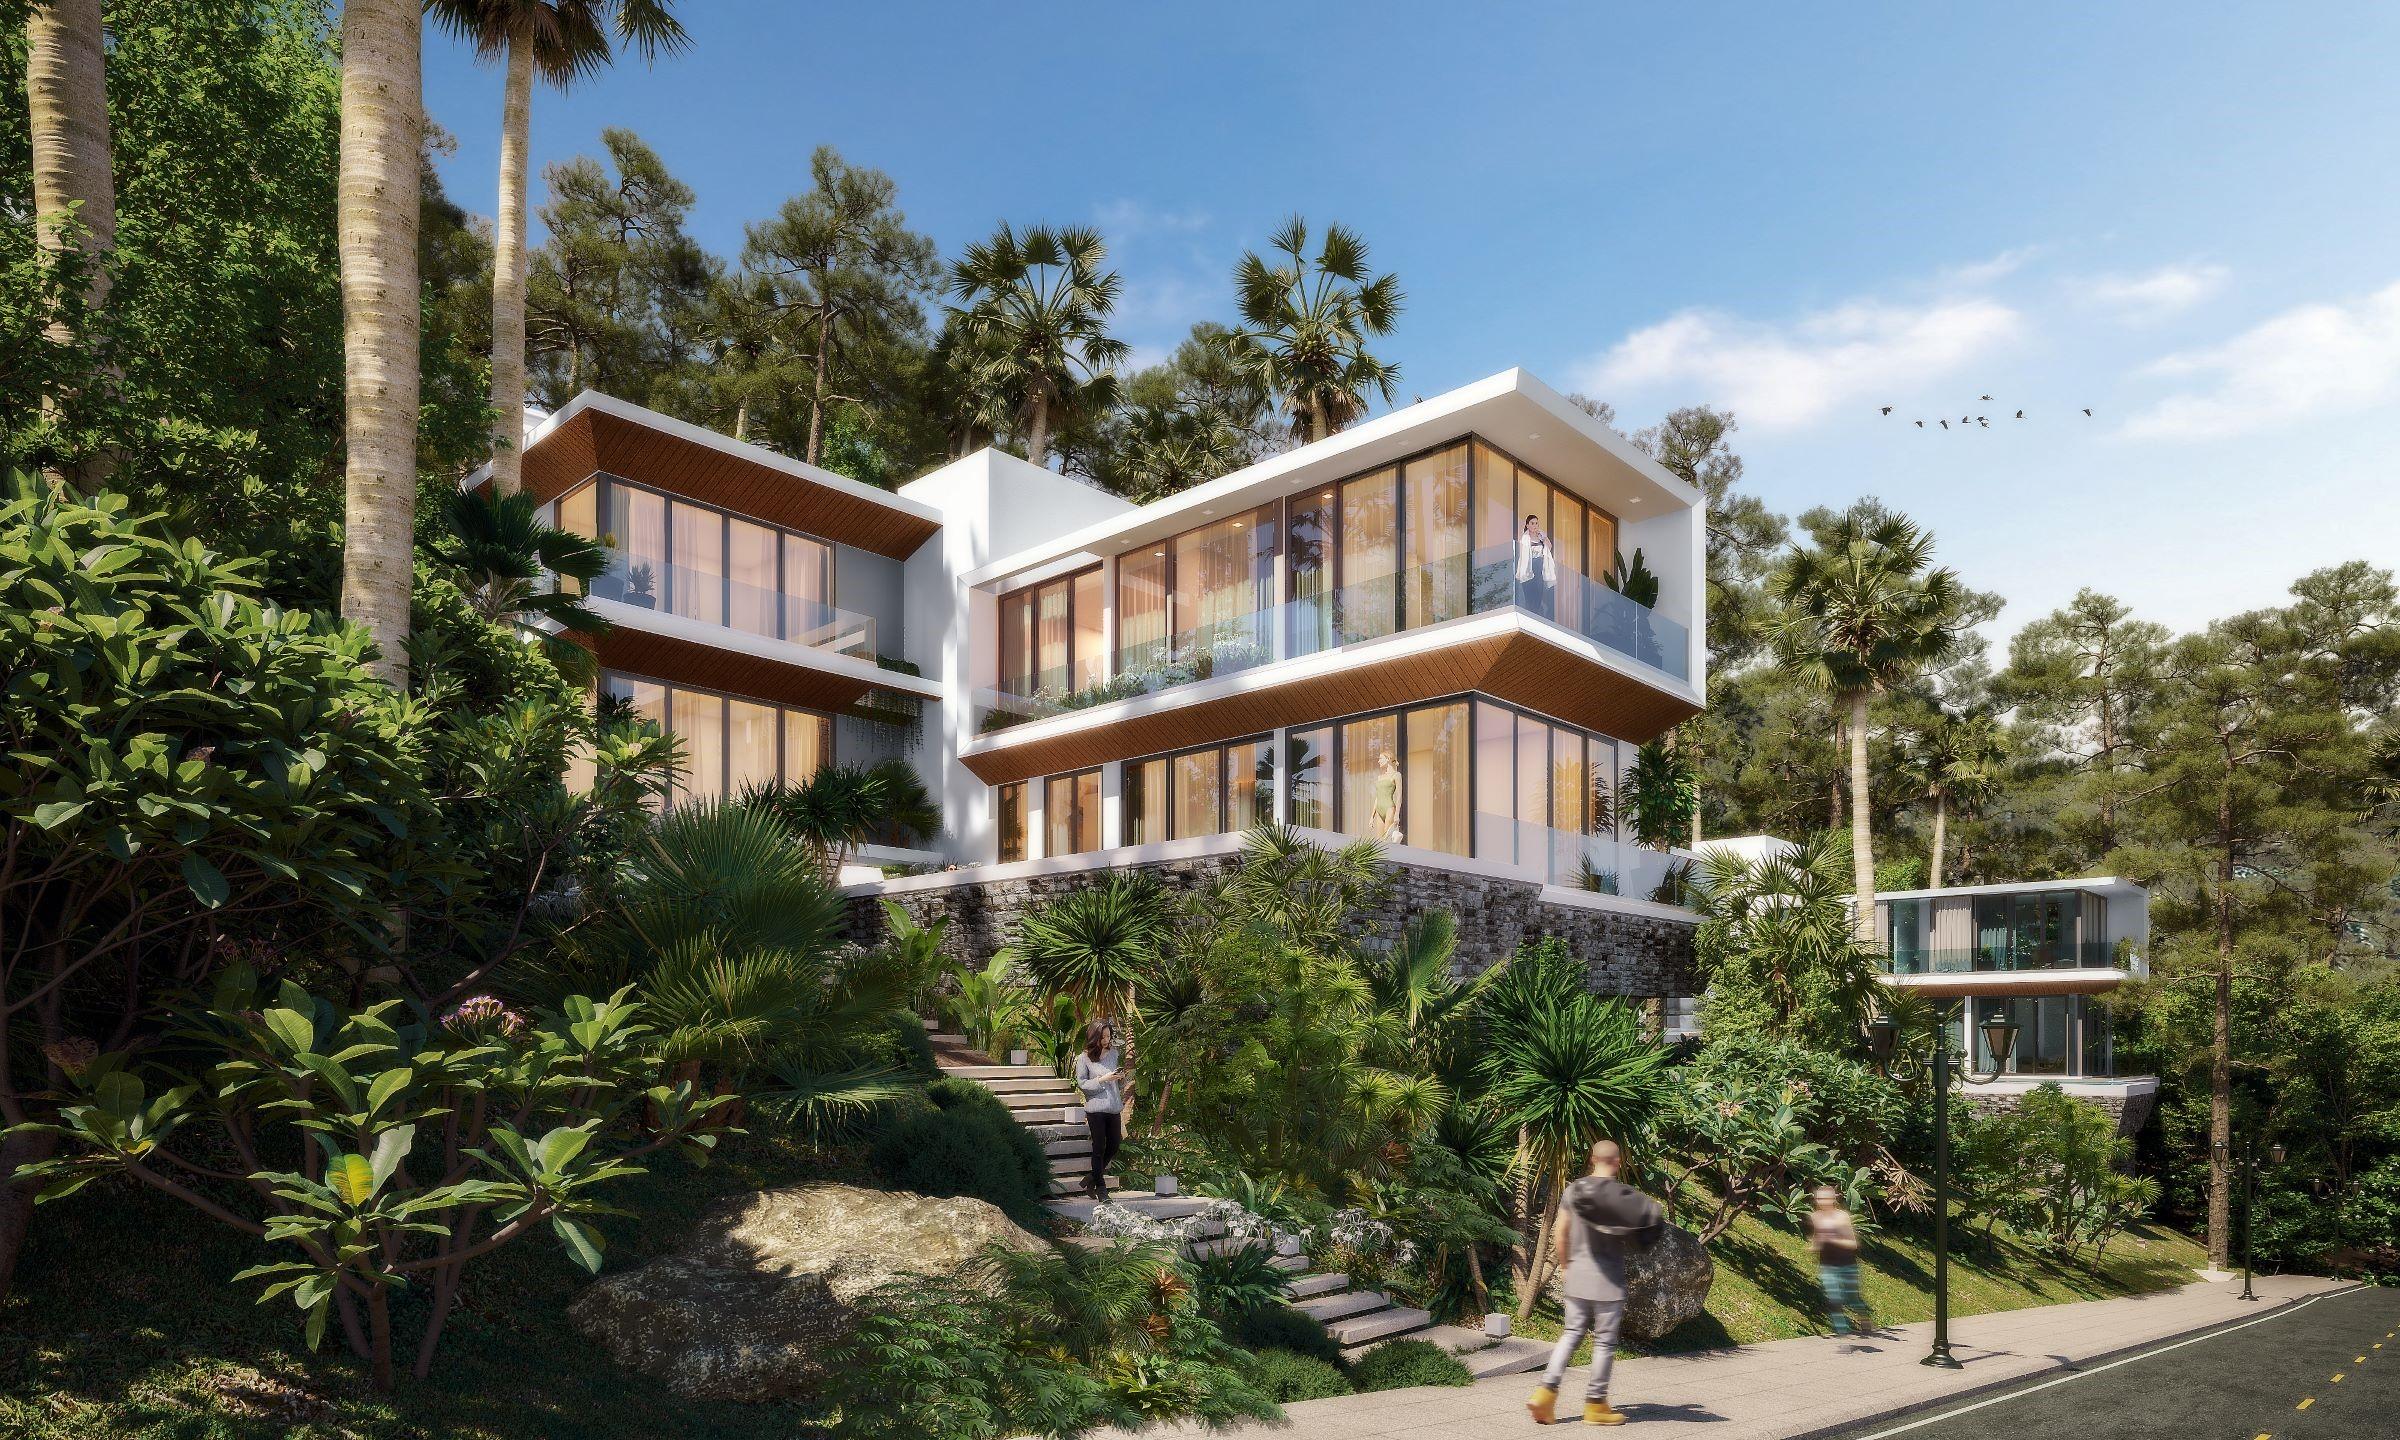 Biệt thự Casa Marina Premium Quy Nhơn hướng đến tạo không gian nghỉ dưỡng cho du khách thượng lưu. Ảnh phối cảnh: BCG Land.